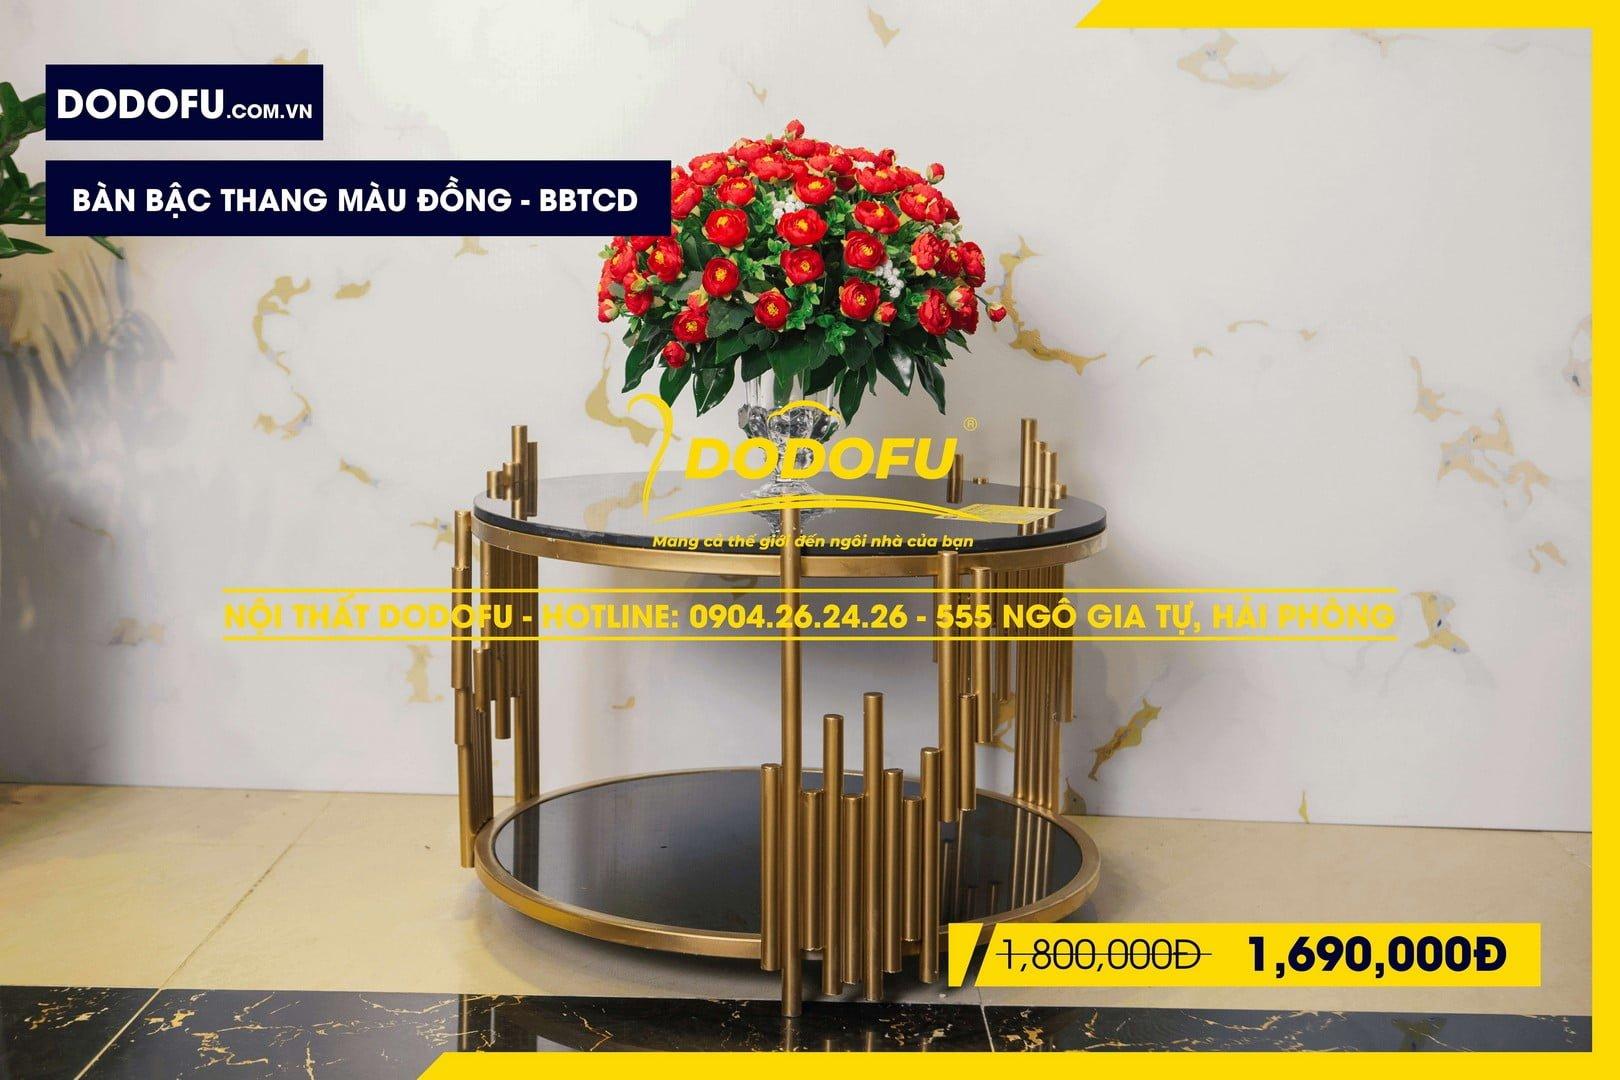 bàn bậc thang màu đồng hải phòng